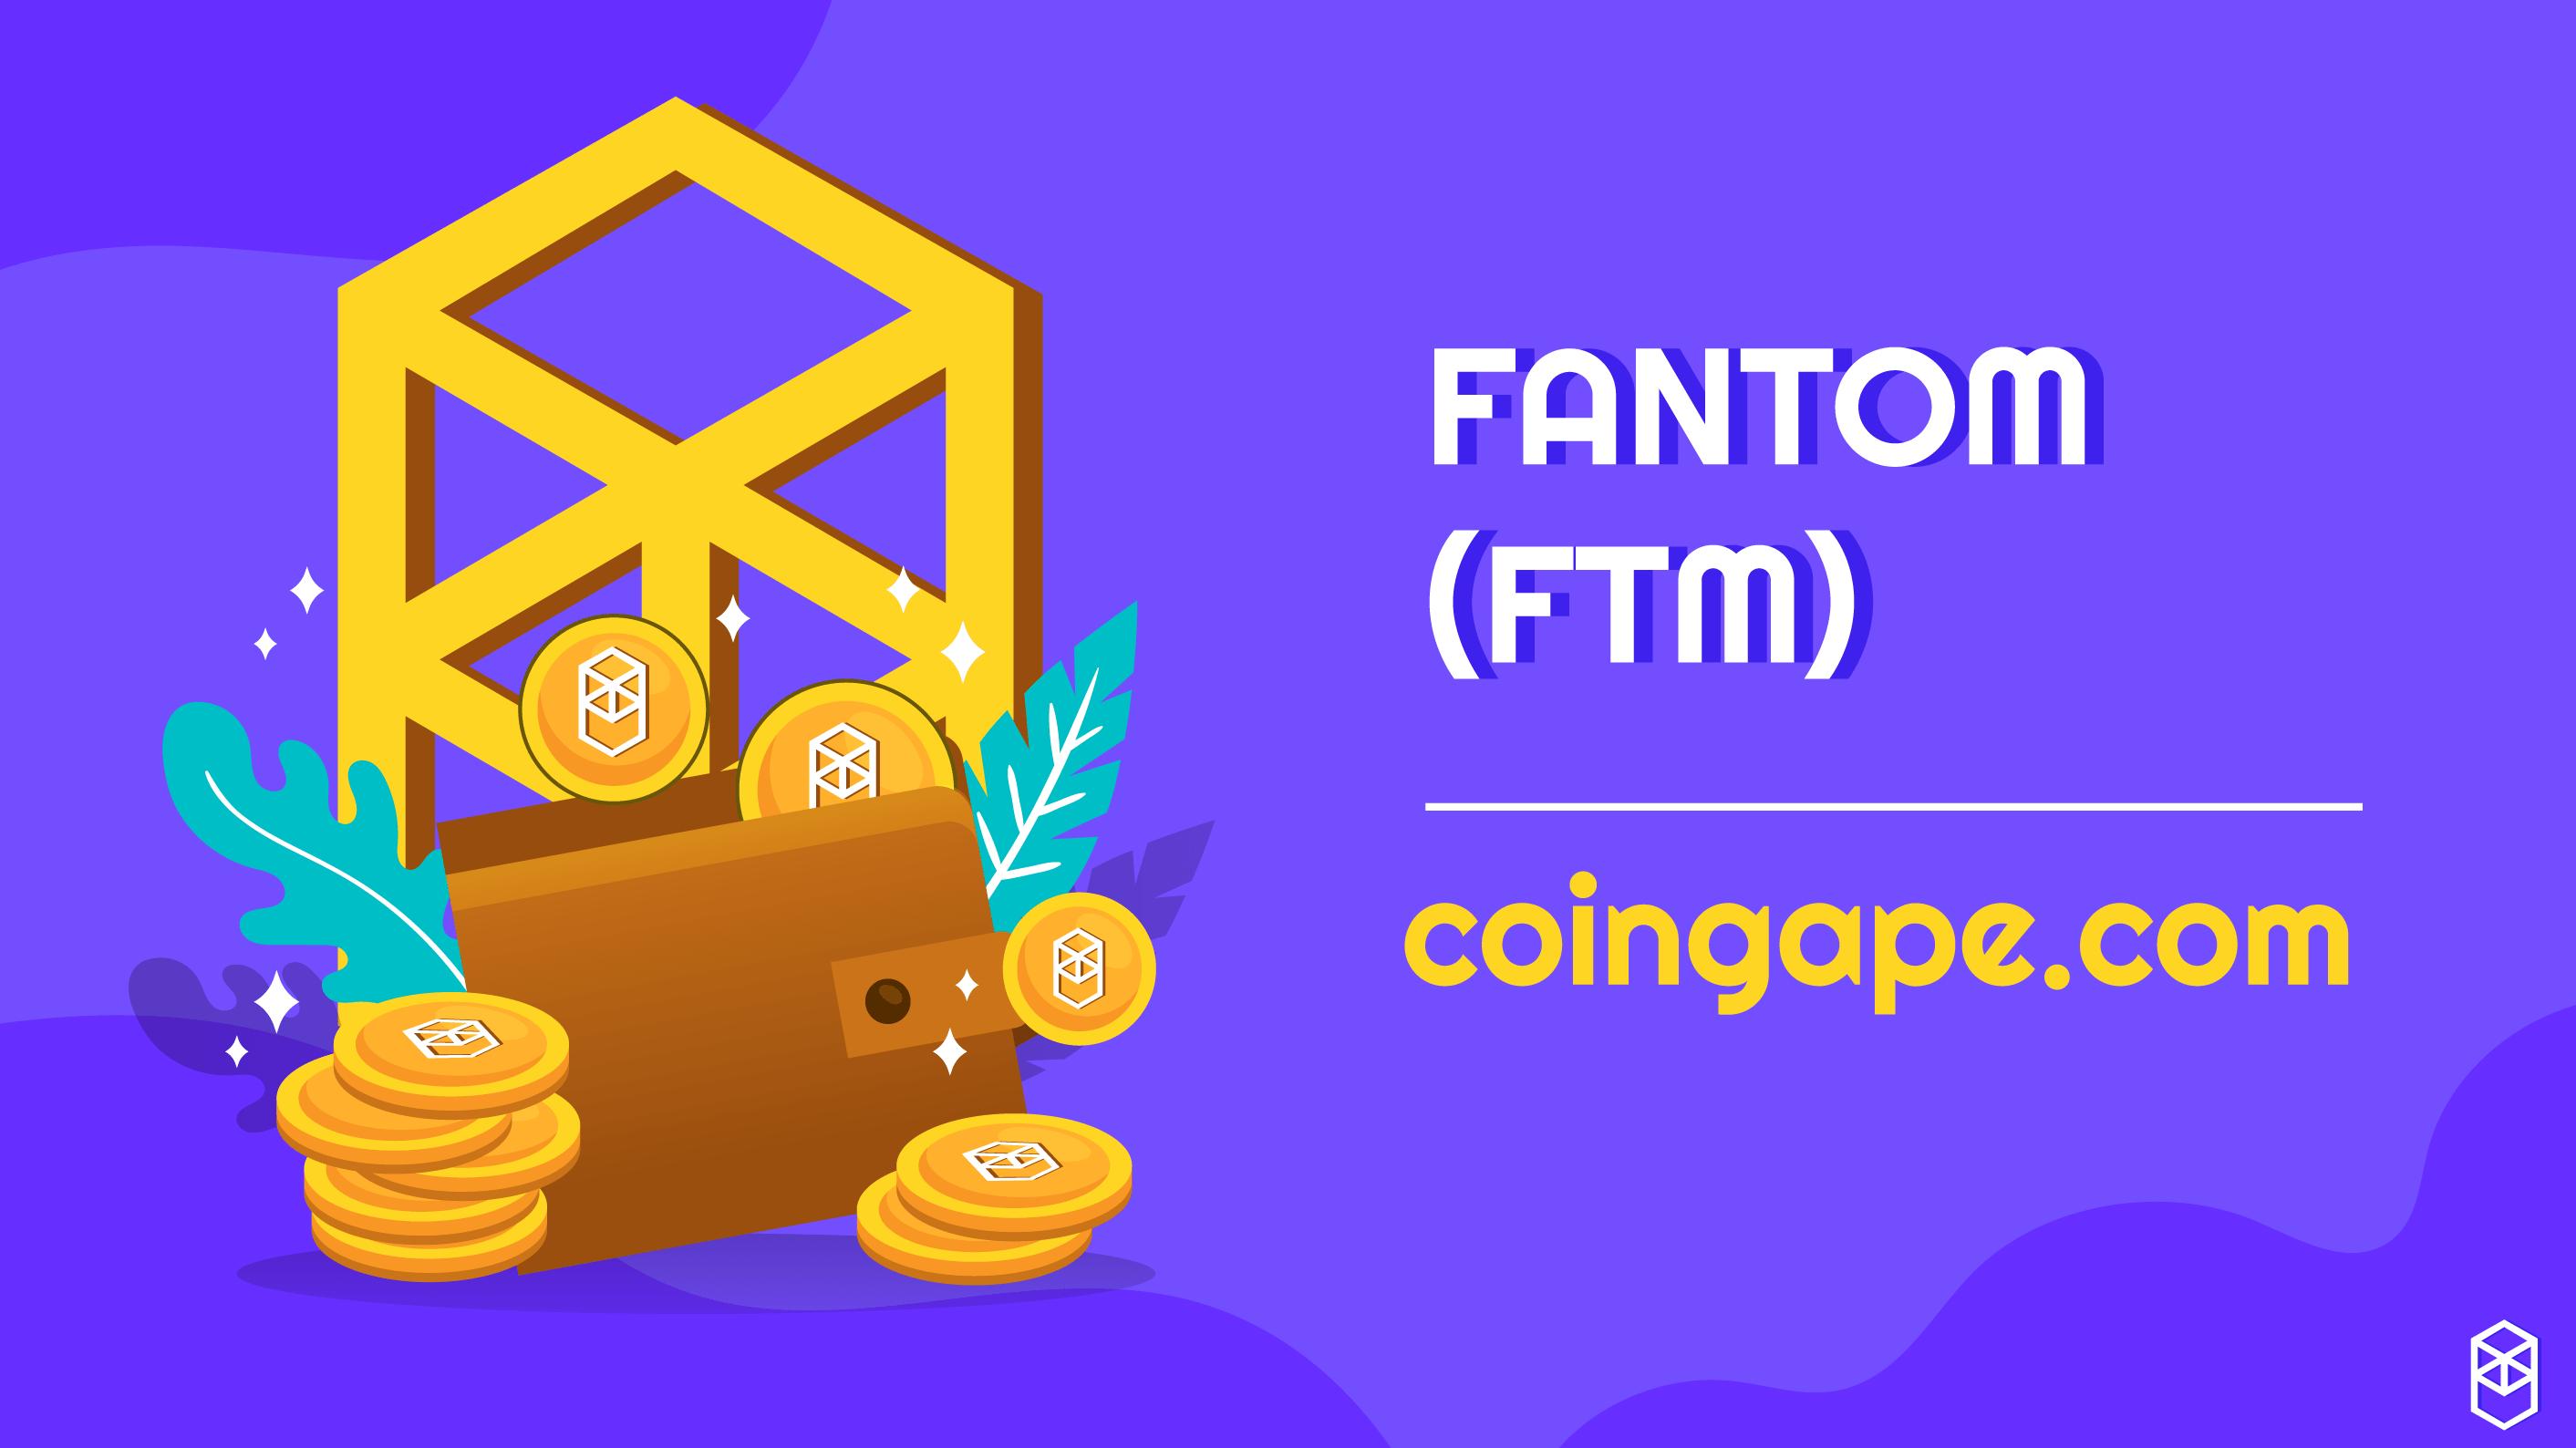 FAntom FTM token